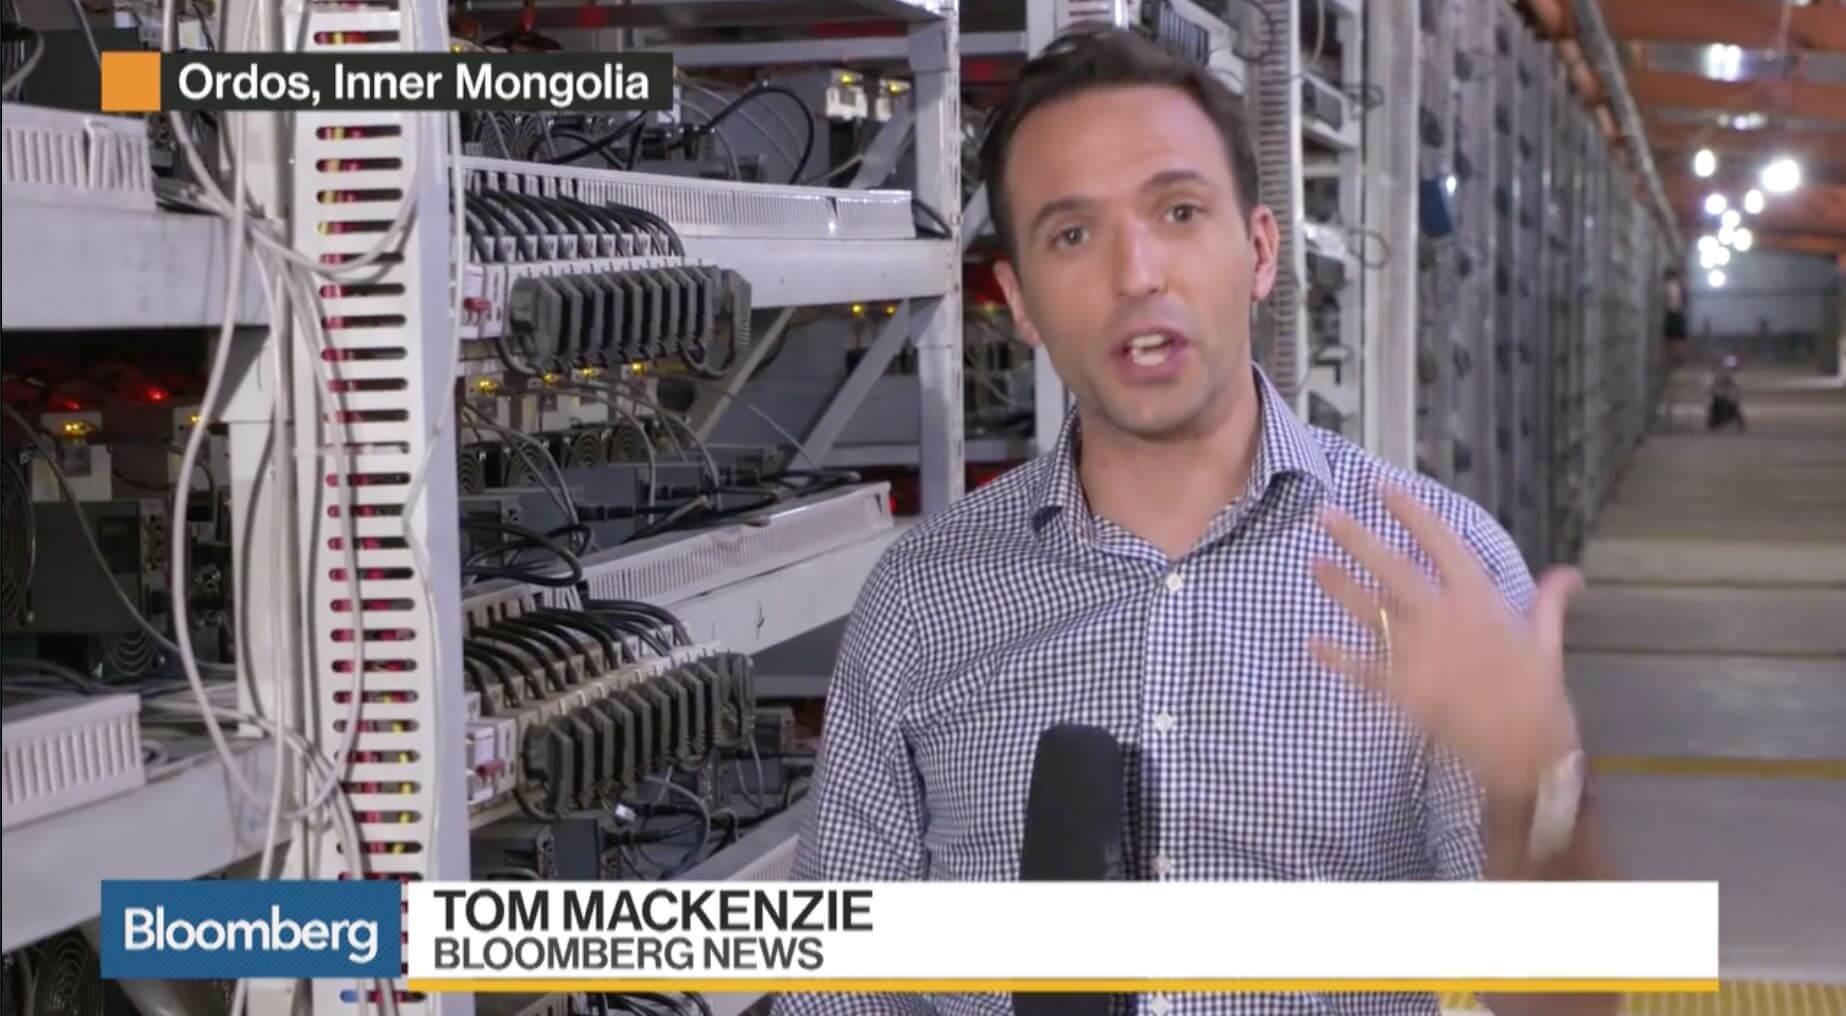 Видео о одной из крупнейших в мире биткоин шахт